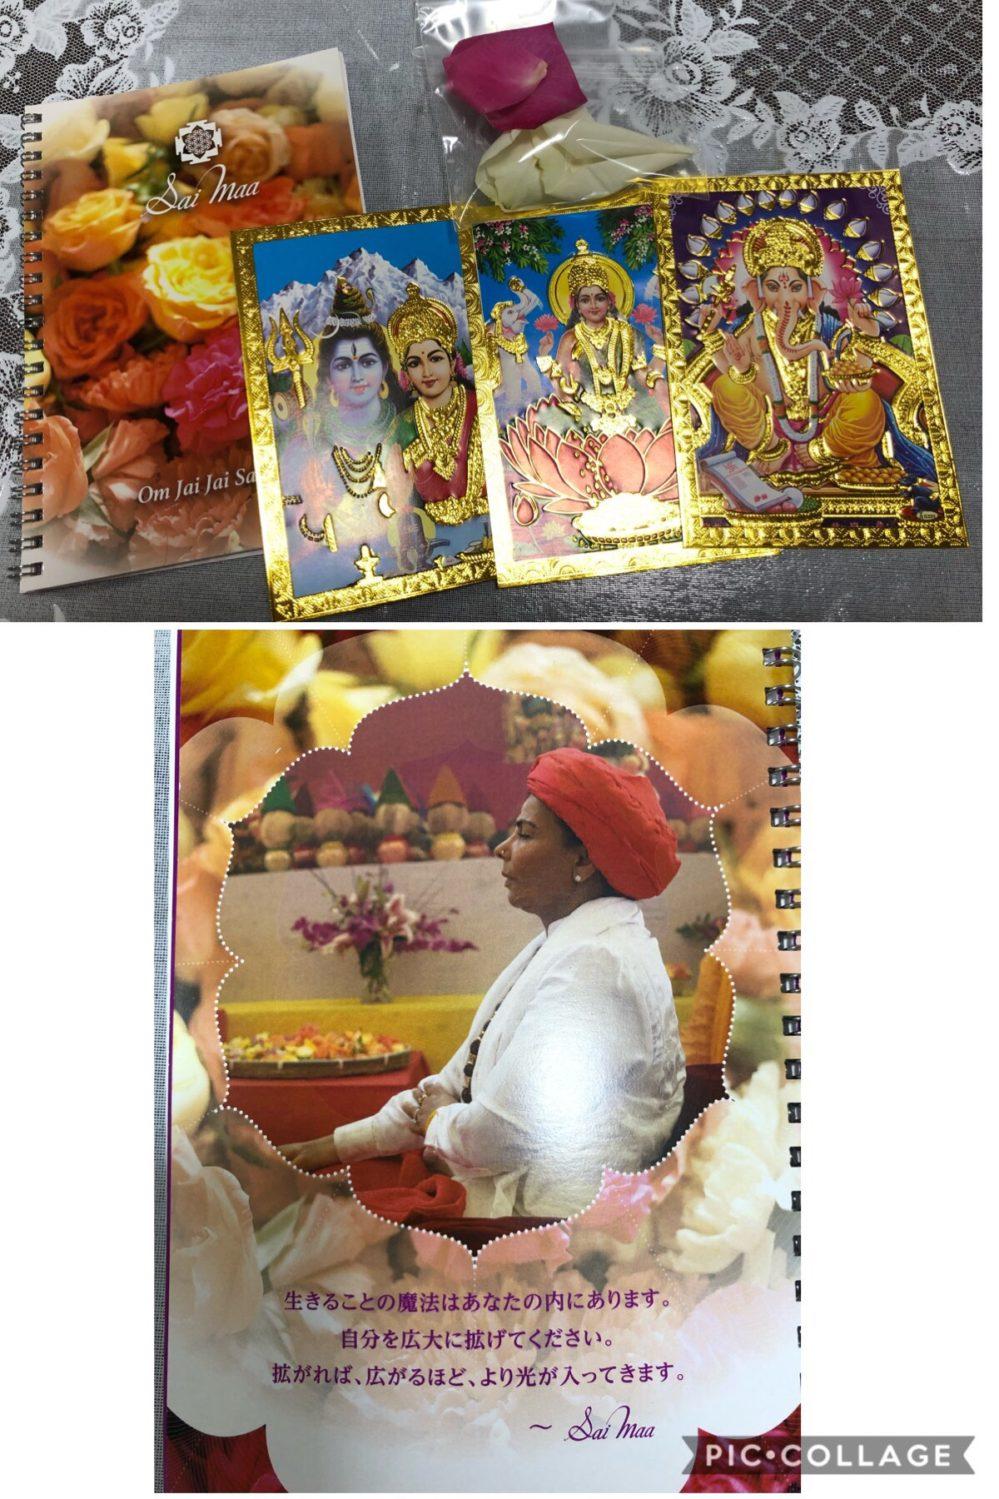 インド聖者サイマーのダルシャン&撒いた種(思考)は自分で刈り取る^^☆彡